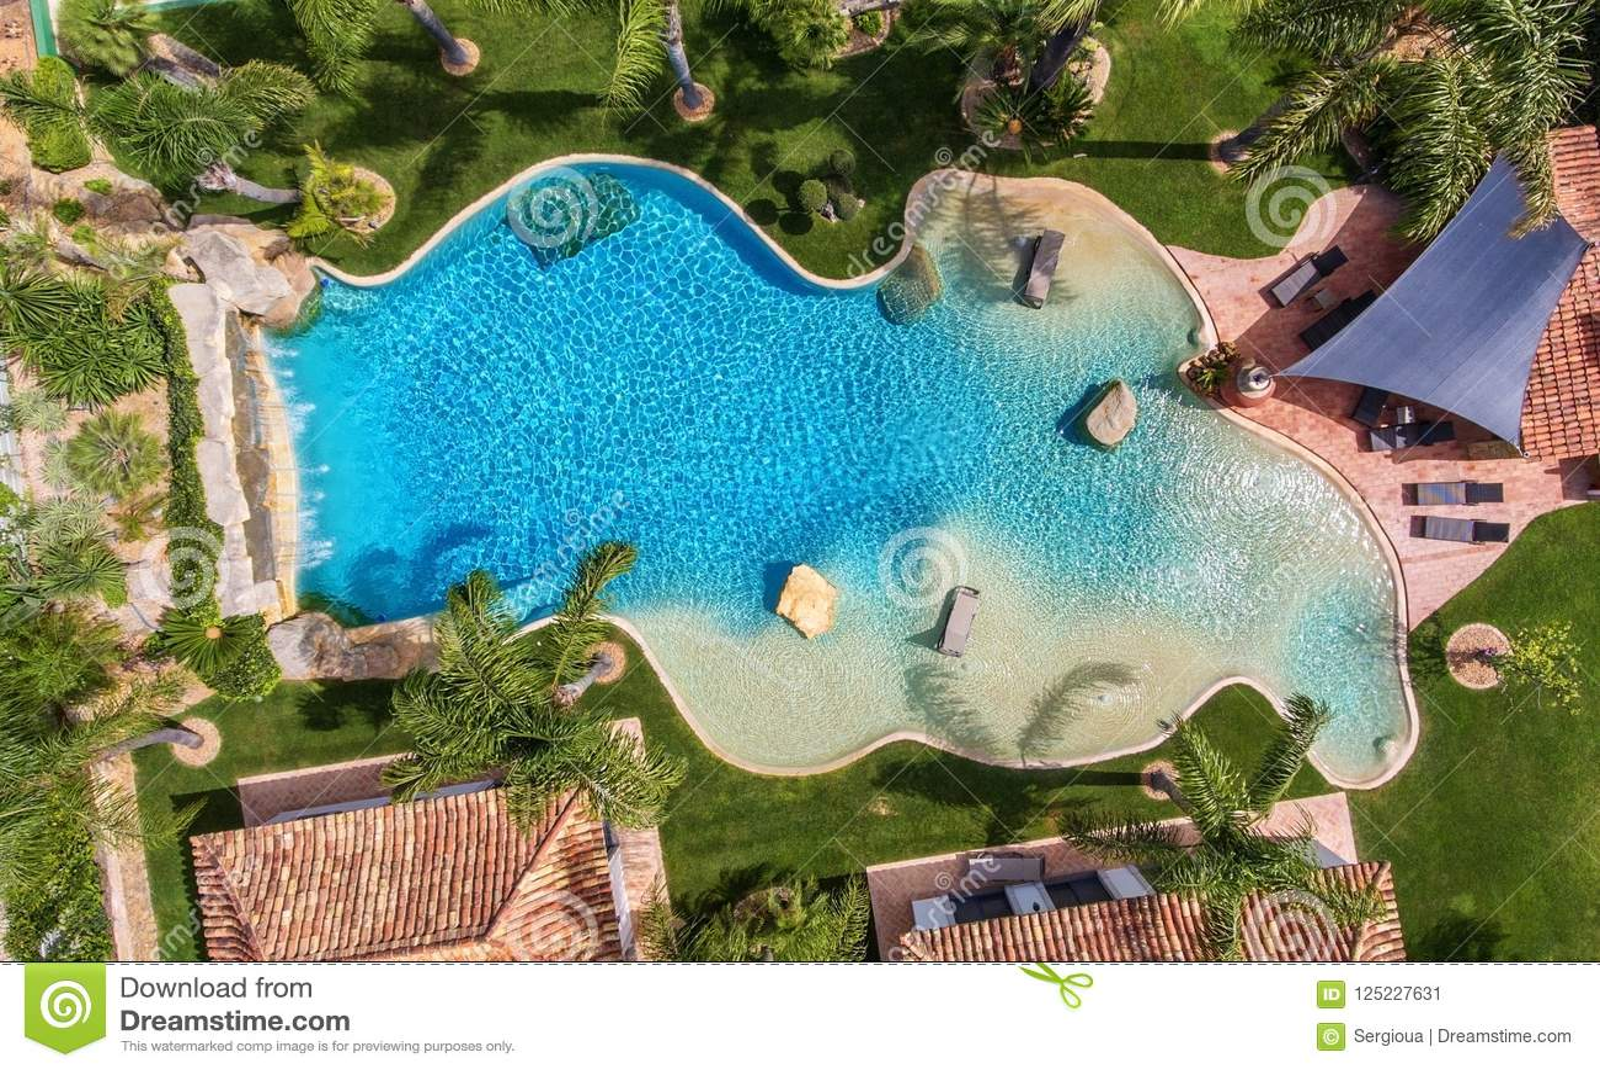 Piscina decorativa original en el jardín con las palmeras, visión aérea